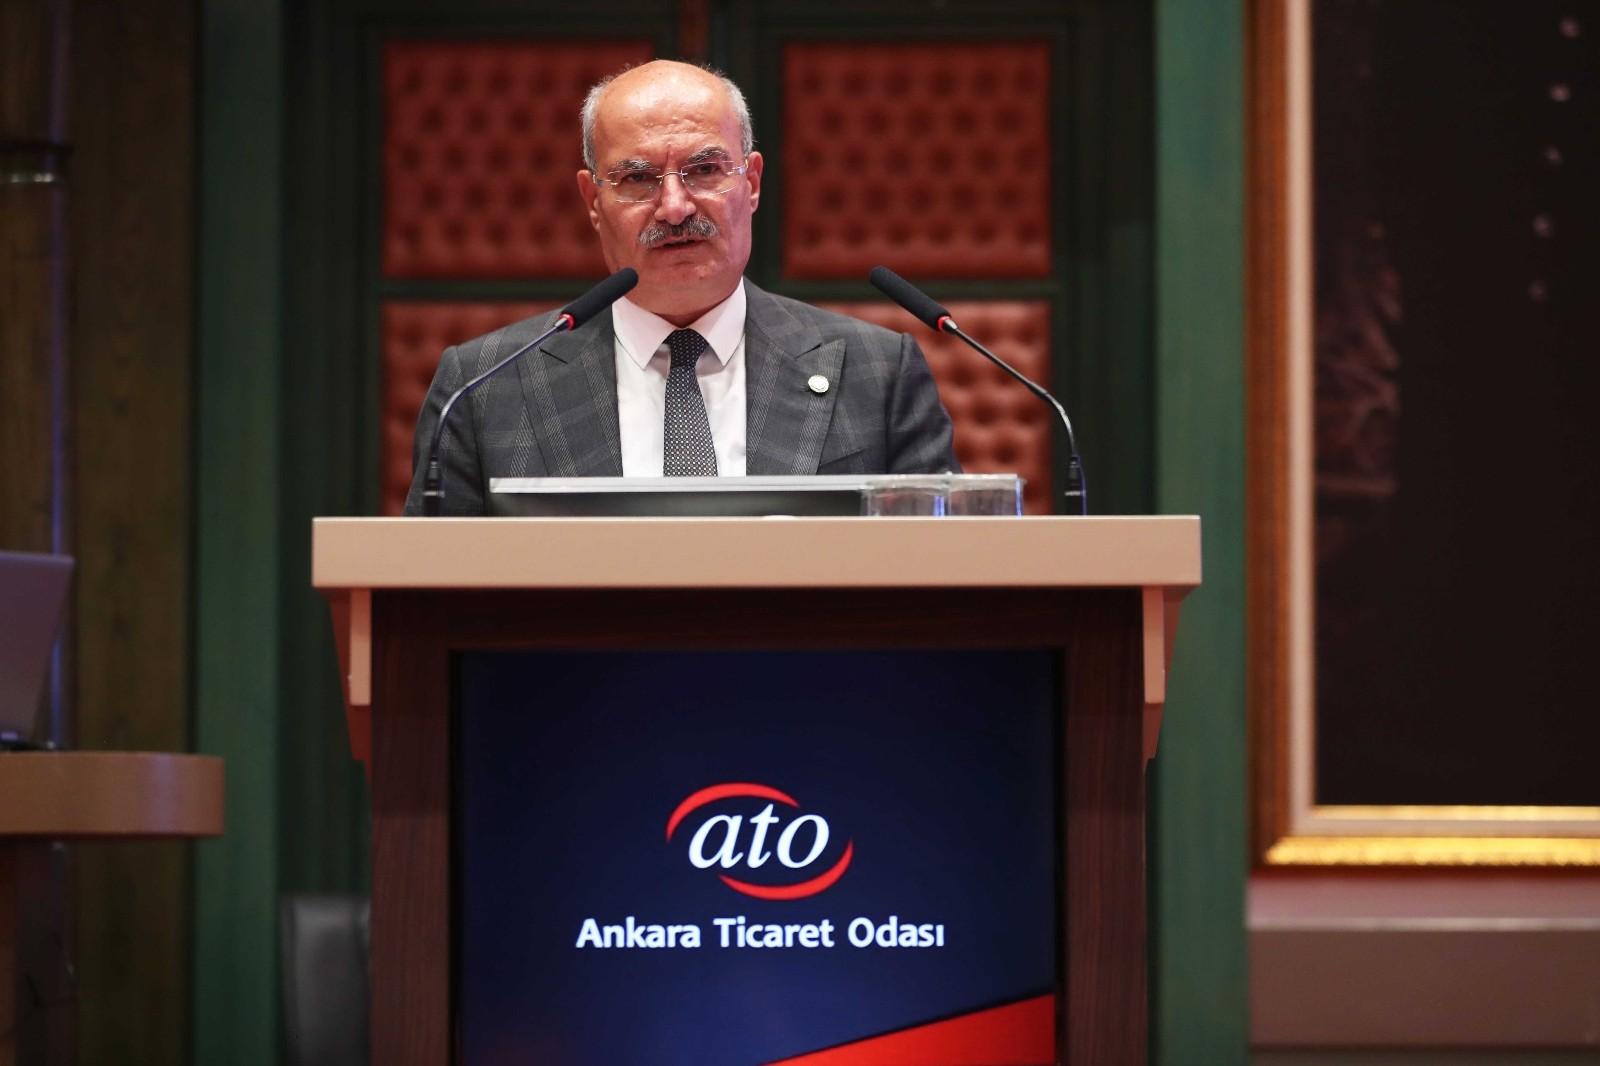 """ATO Başkanı Baran: """"Kurumlar vergisindeki artış yatırım iklimini bozar"""""""